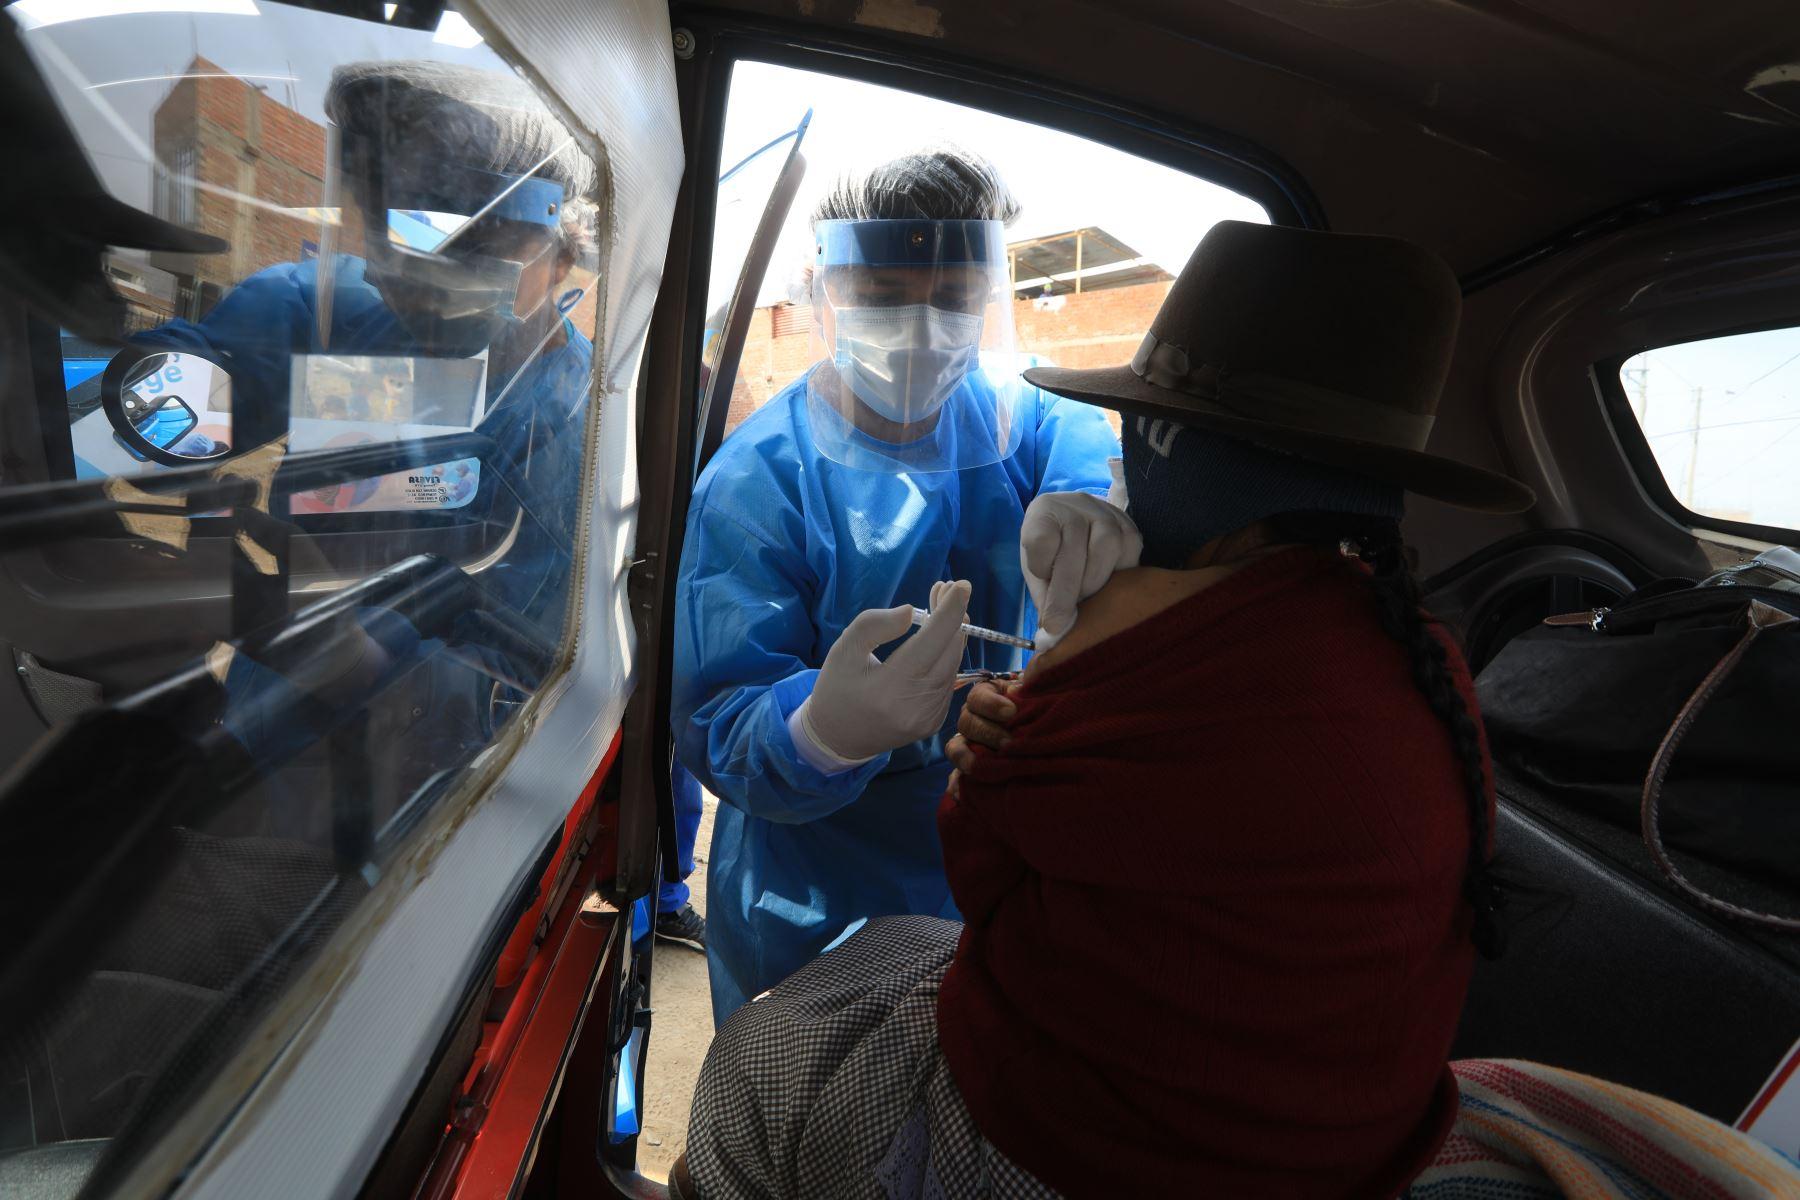 El Ministerio de Salud, en coordinación con la Municipalidad de Pachacámac, instaló un punto estratégico exclusivamente para vacunación, donde la población vulnerable de Manchay podrá acceder a las vacunas sin el temor al contagio del Covid-19. Foto: MINSA